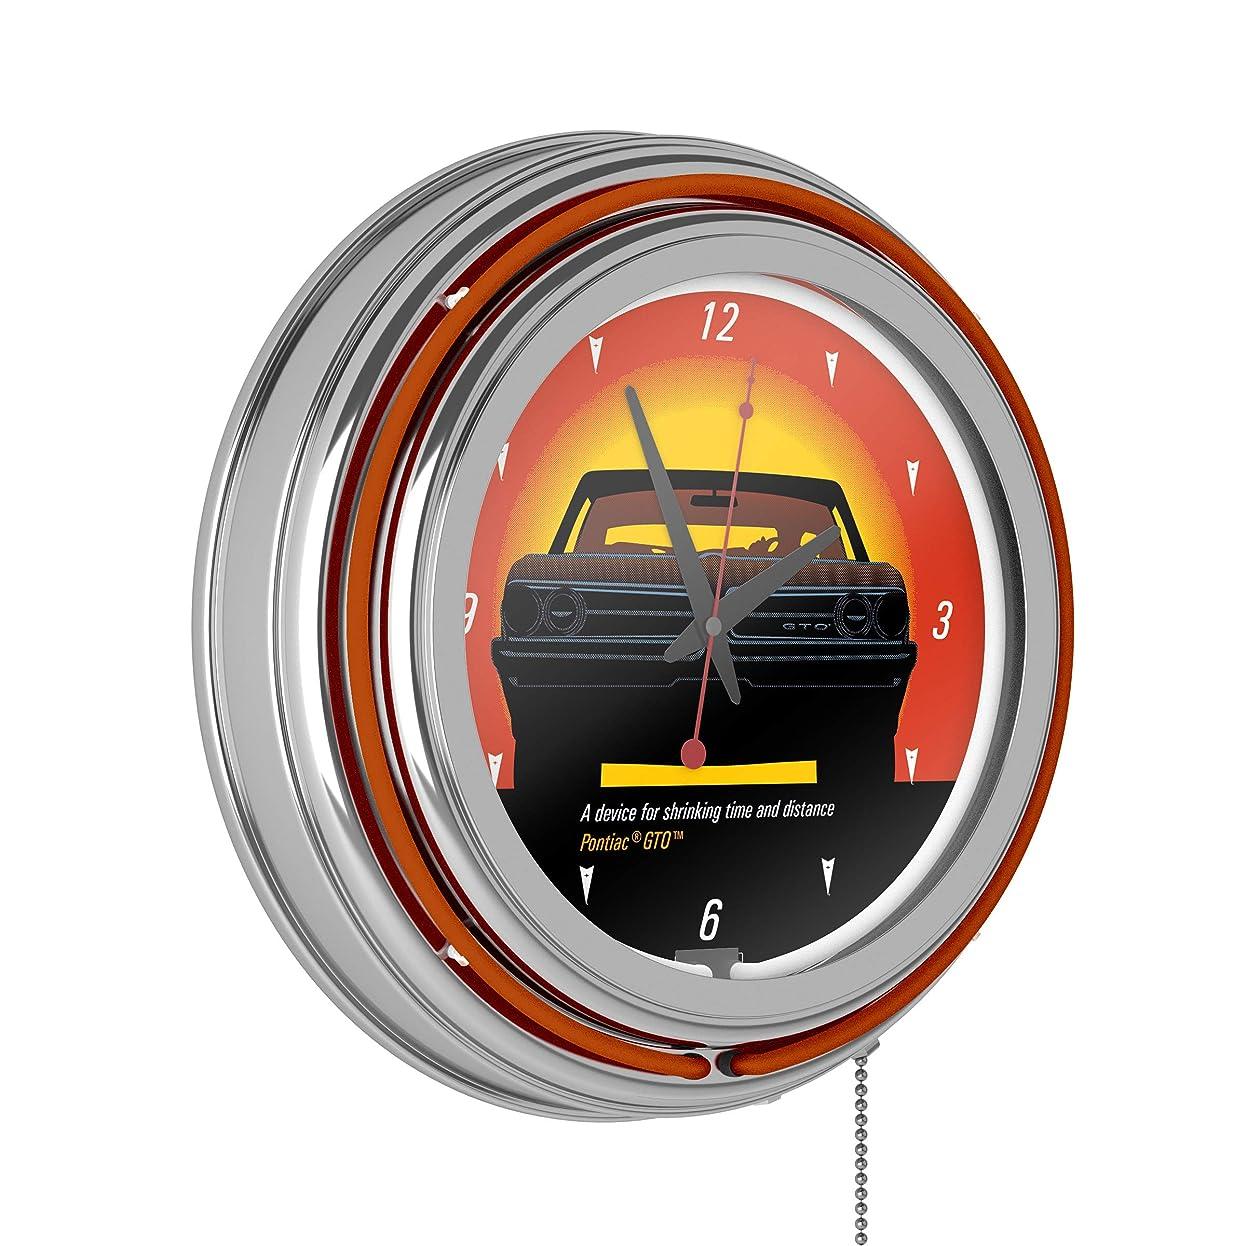 フリッパー自動的に豊富ポンティアック GTO - 時間と距離 - ダブルリング ネオン クロック